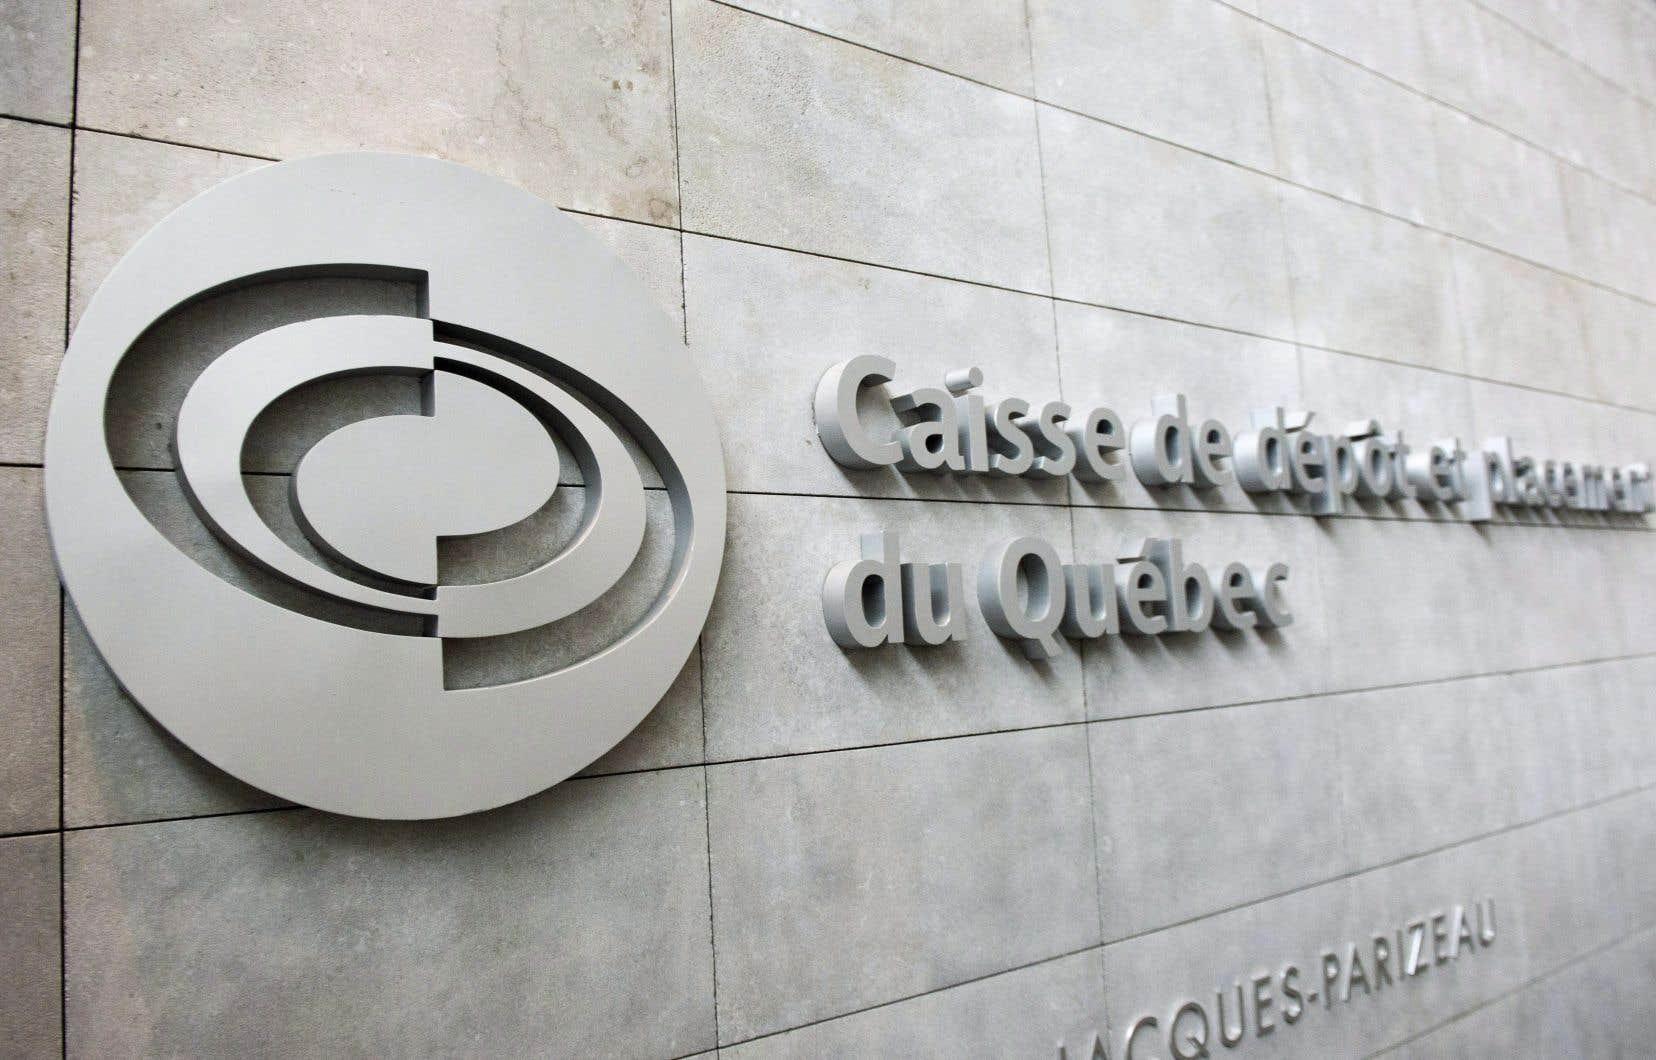 La Caisse de dépôt et placement du Québec ne détient aucune action de Cogeco et Cogeco Communications, mais elle possède 21% de leur division américaine, Atlantic Broadband.